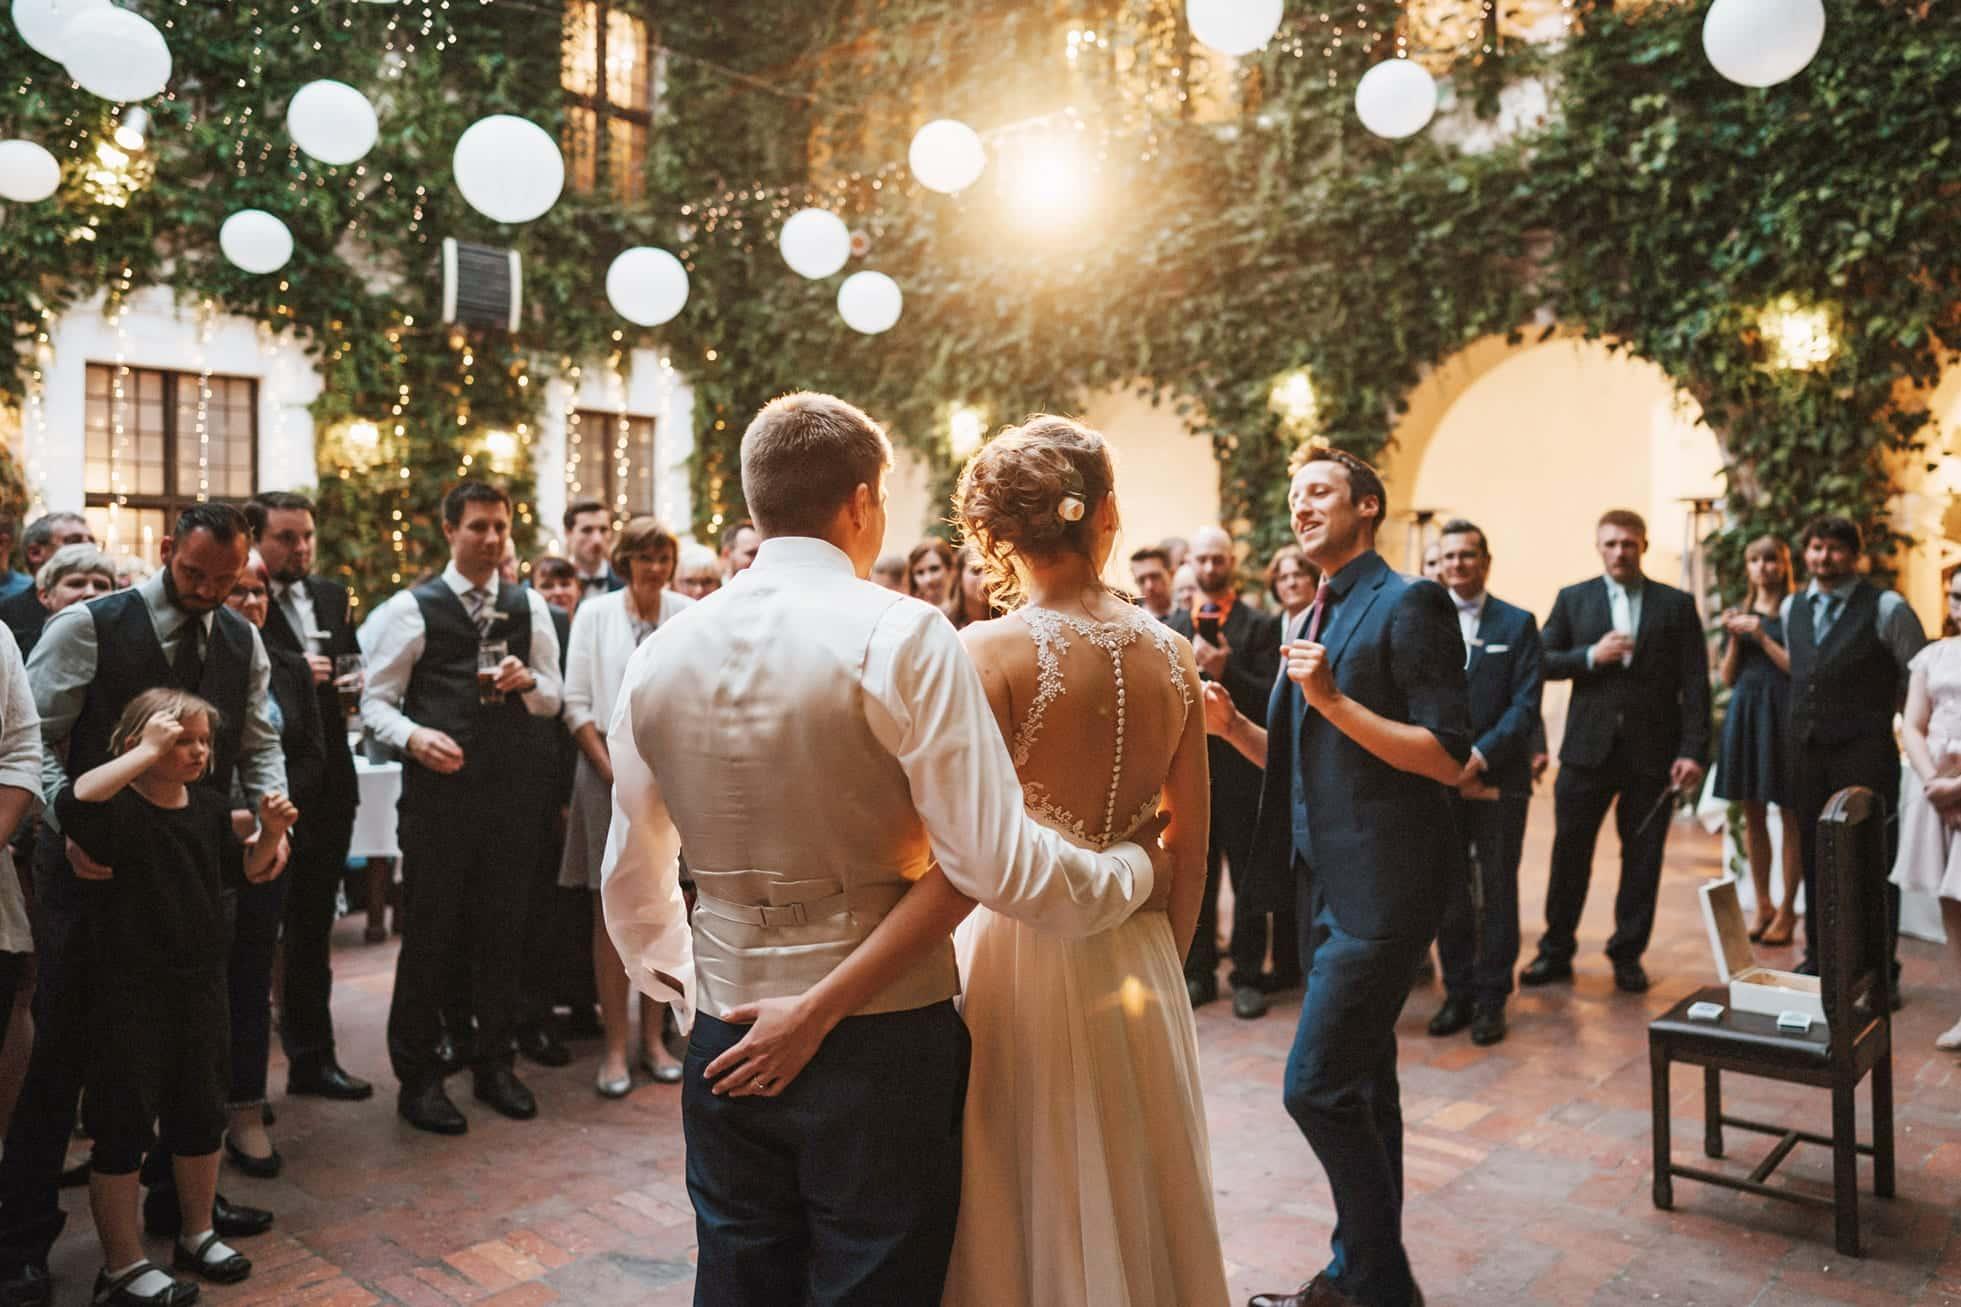 Das Brautpaar steht Arm in Arm mit dem Rücken zum Fotografen. Man sieht in das Gesicht des Zauberers auf ihrer Hochzeit und in die Gesichter ihrer Gäste. Die stehen im Halbkreis um die beiden herum und hören dem Zauberer gespannt zu.